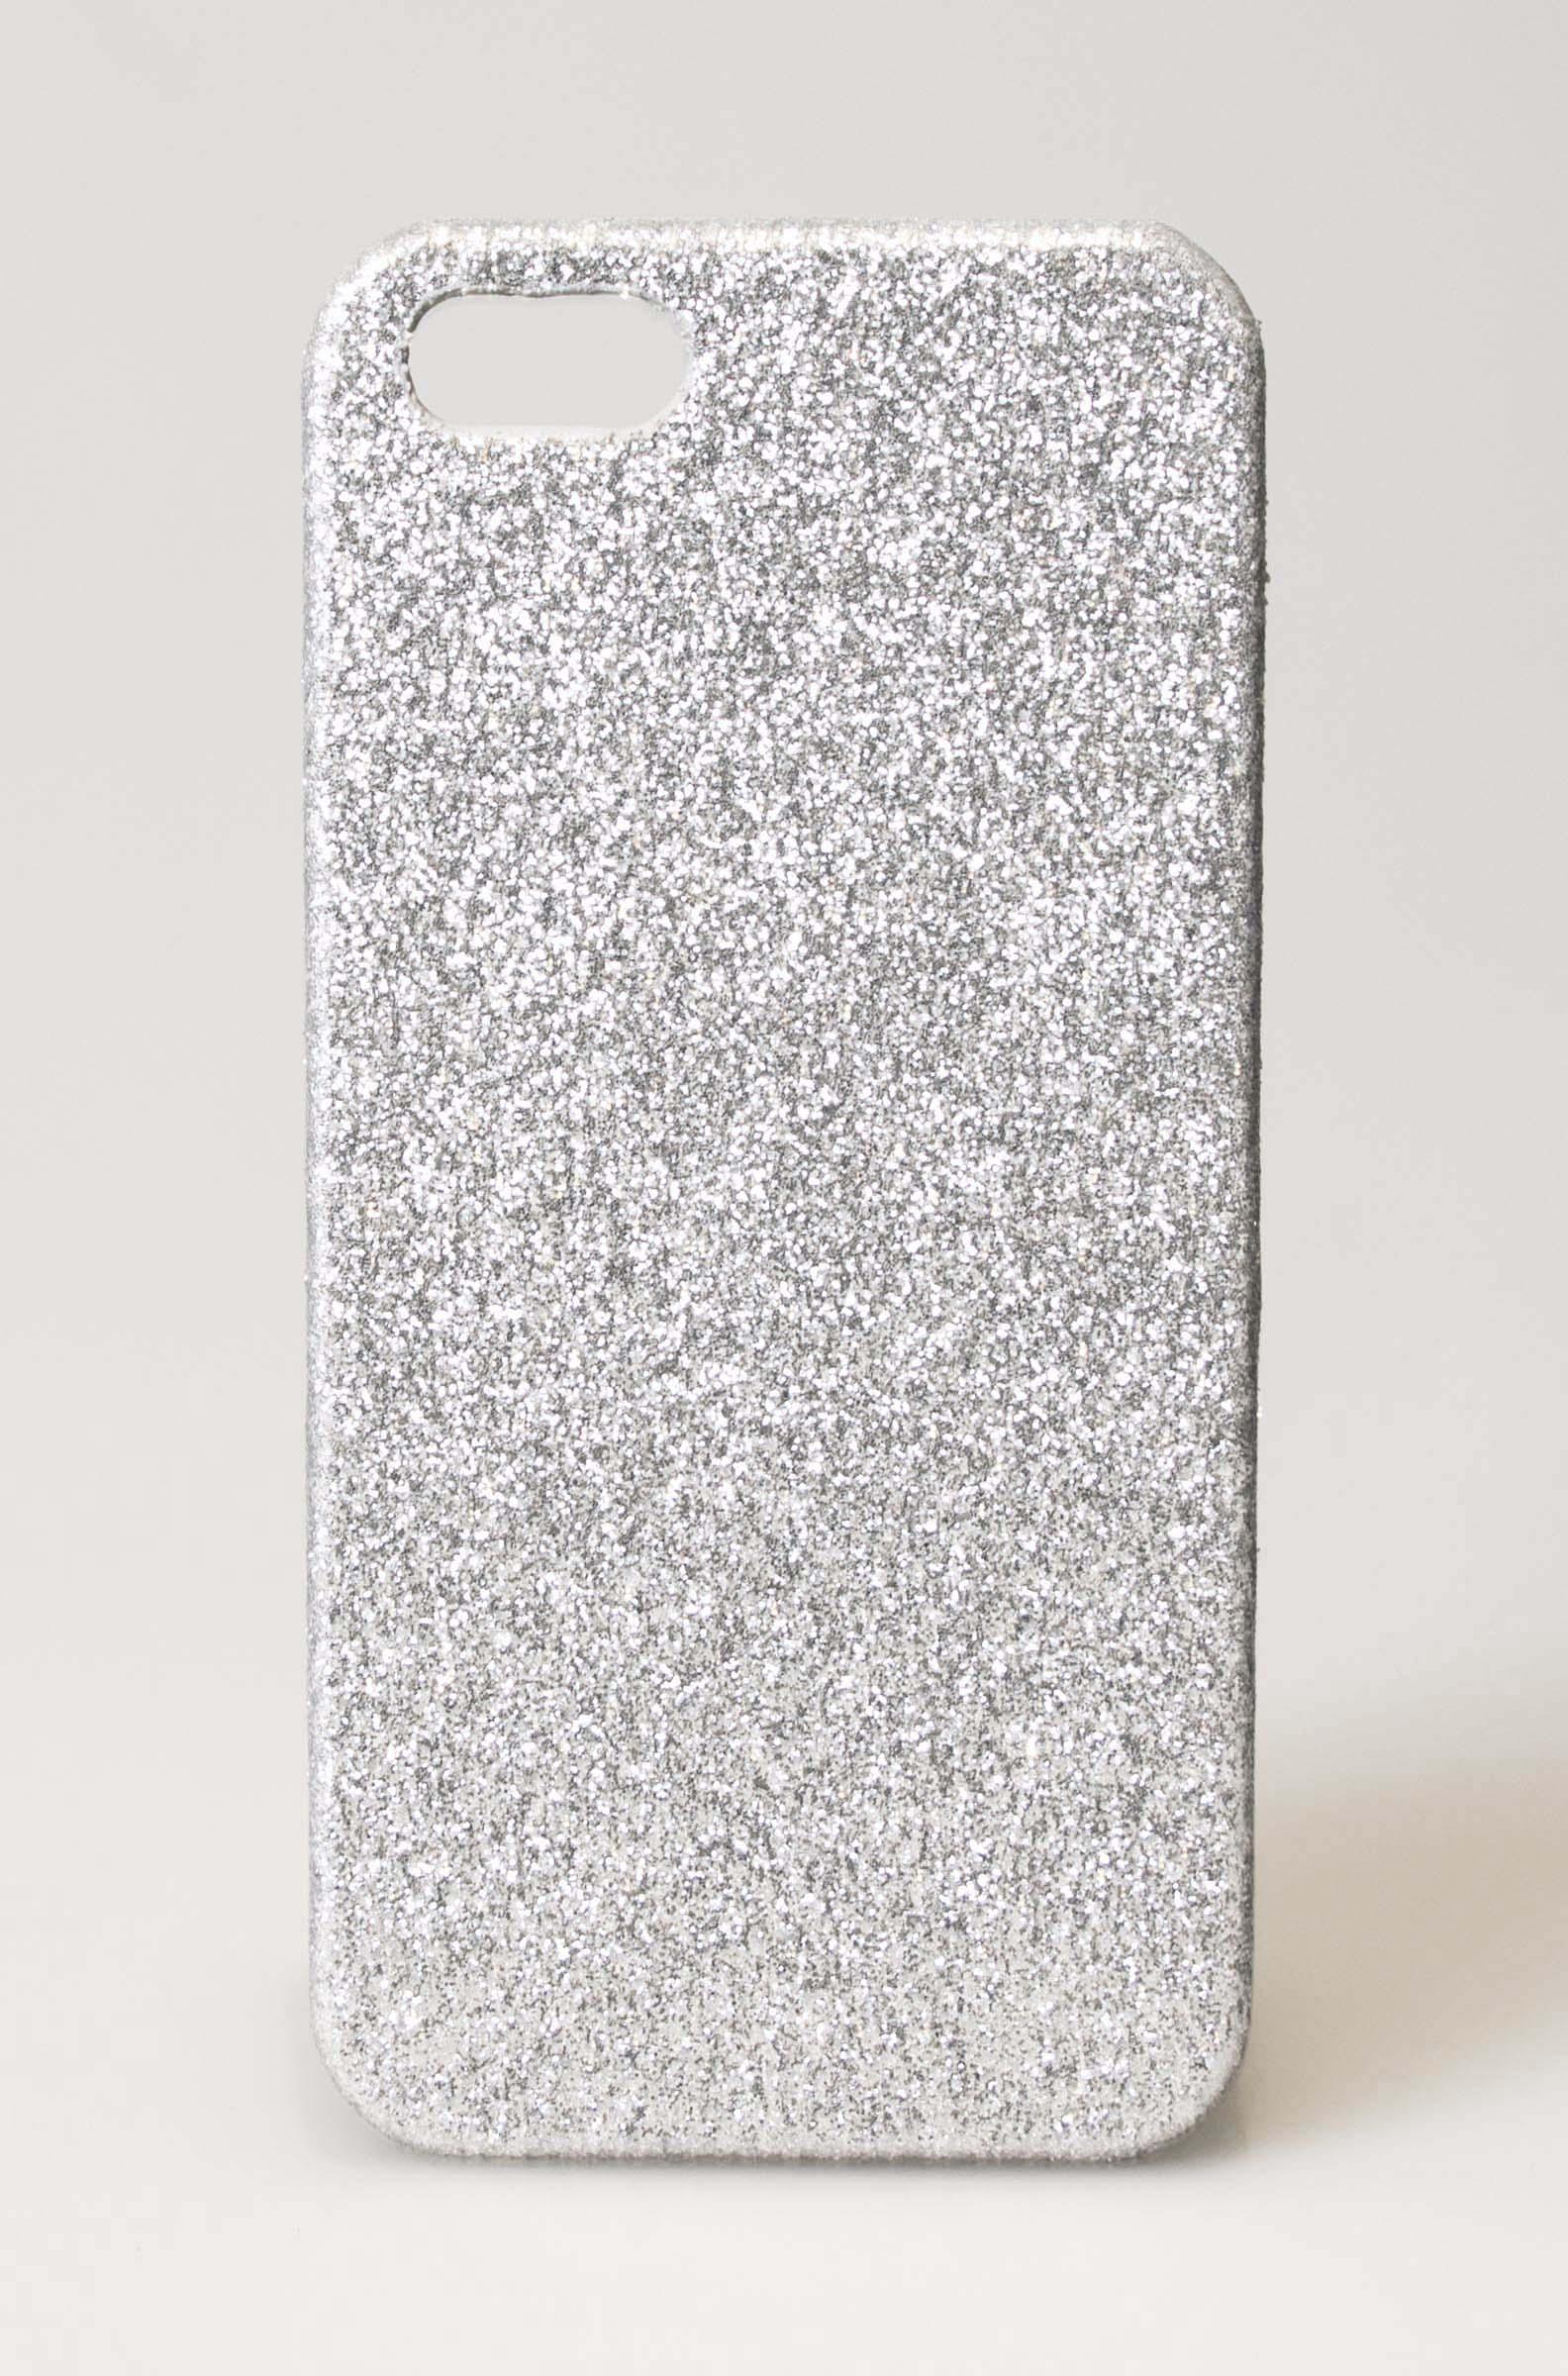 Image of   iPhone hardcase cover i guld el sølv-glimmer iPhone 5/5s Gylden